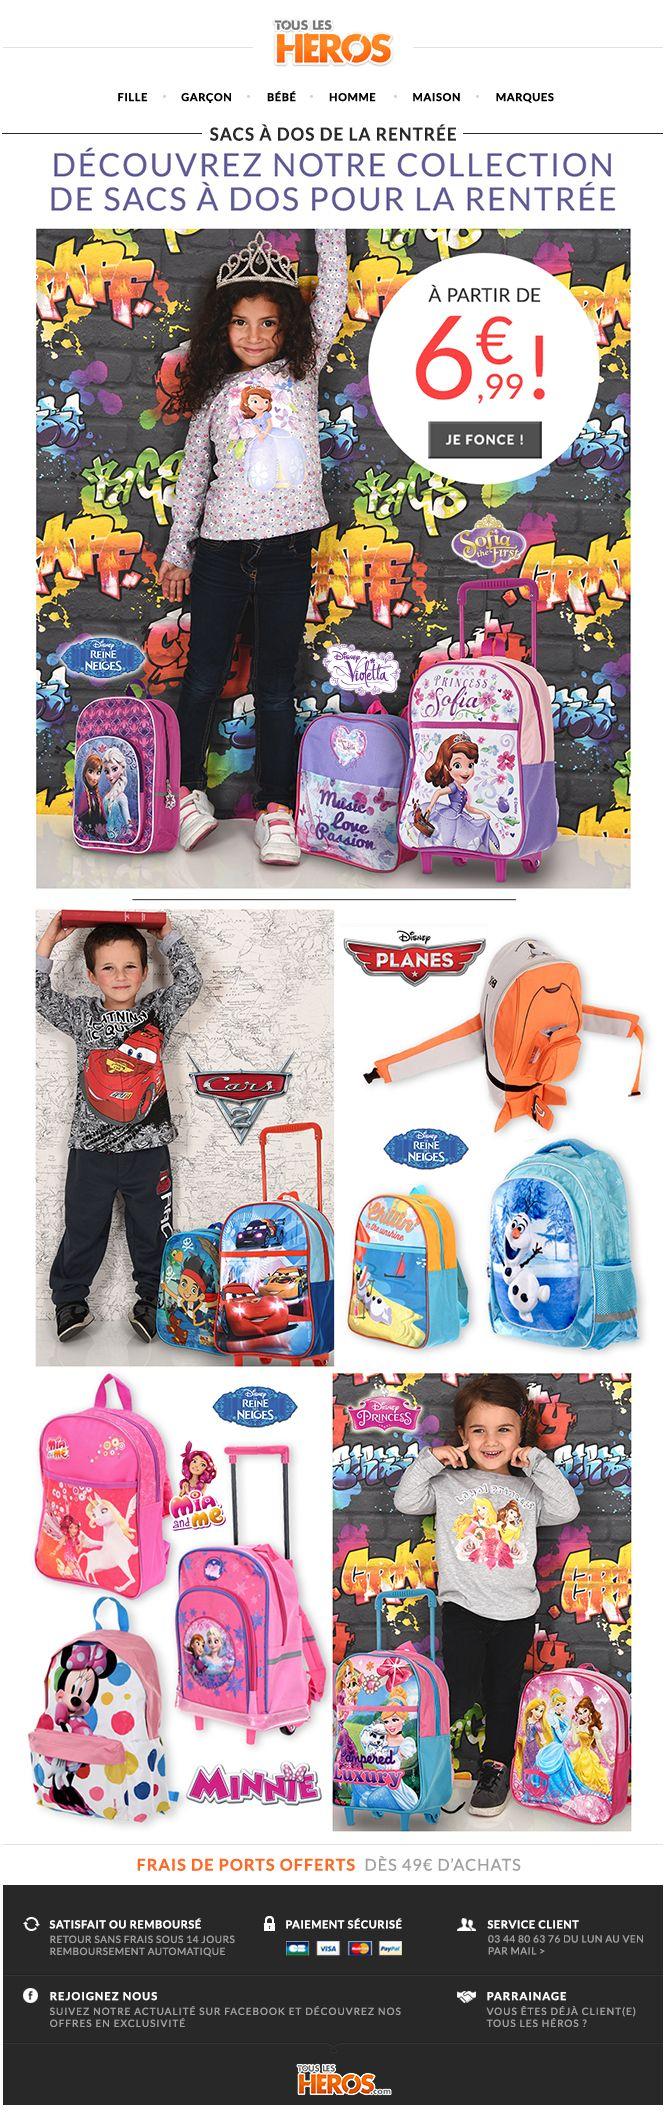 Découvrez notre gamme de #sacàdos sur www.tous-les-heros.com ! Parfait pour les #sorties et pour l'#école ! #mode #enfants #modeenfants #modeàpetitprix #touslesheros #superheros #heros #lesminions #minions #disney #sacs